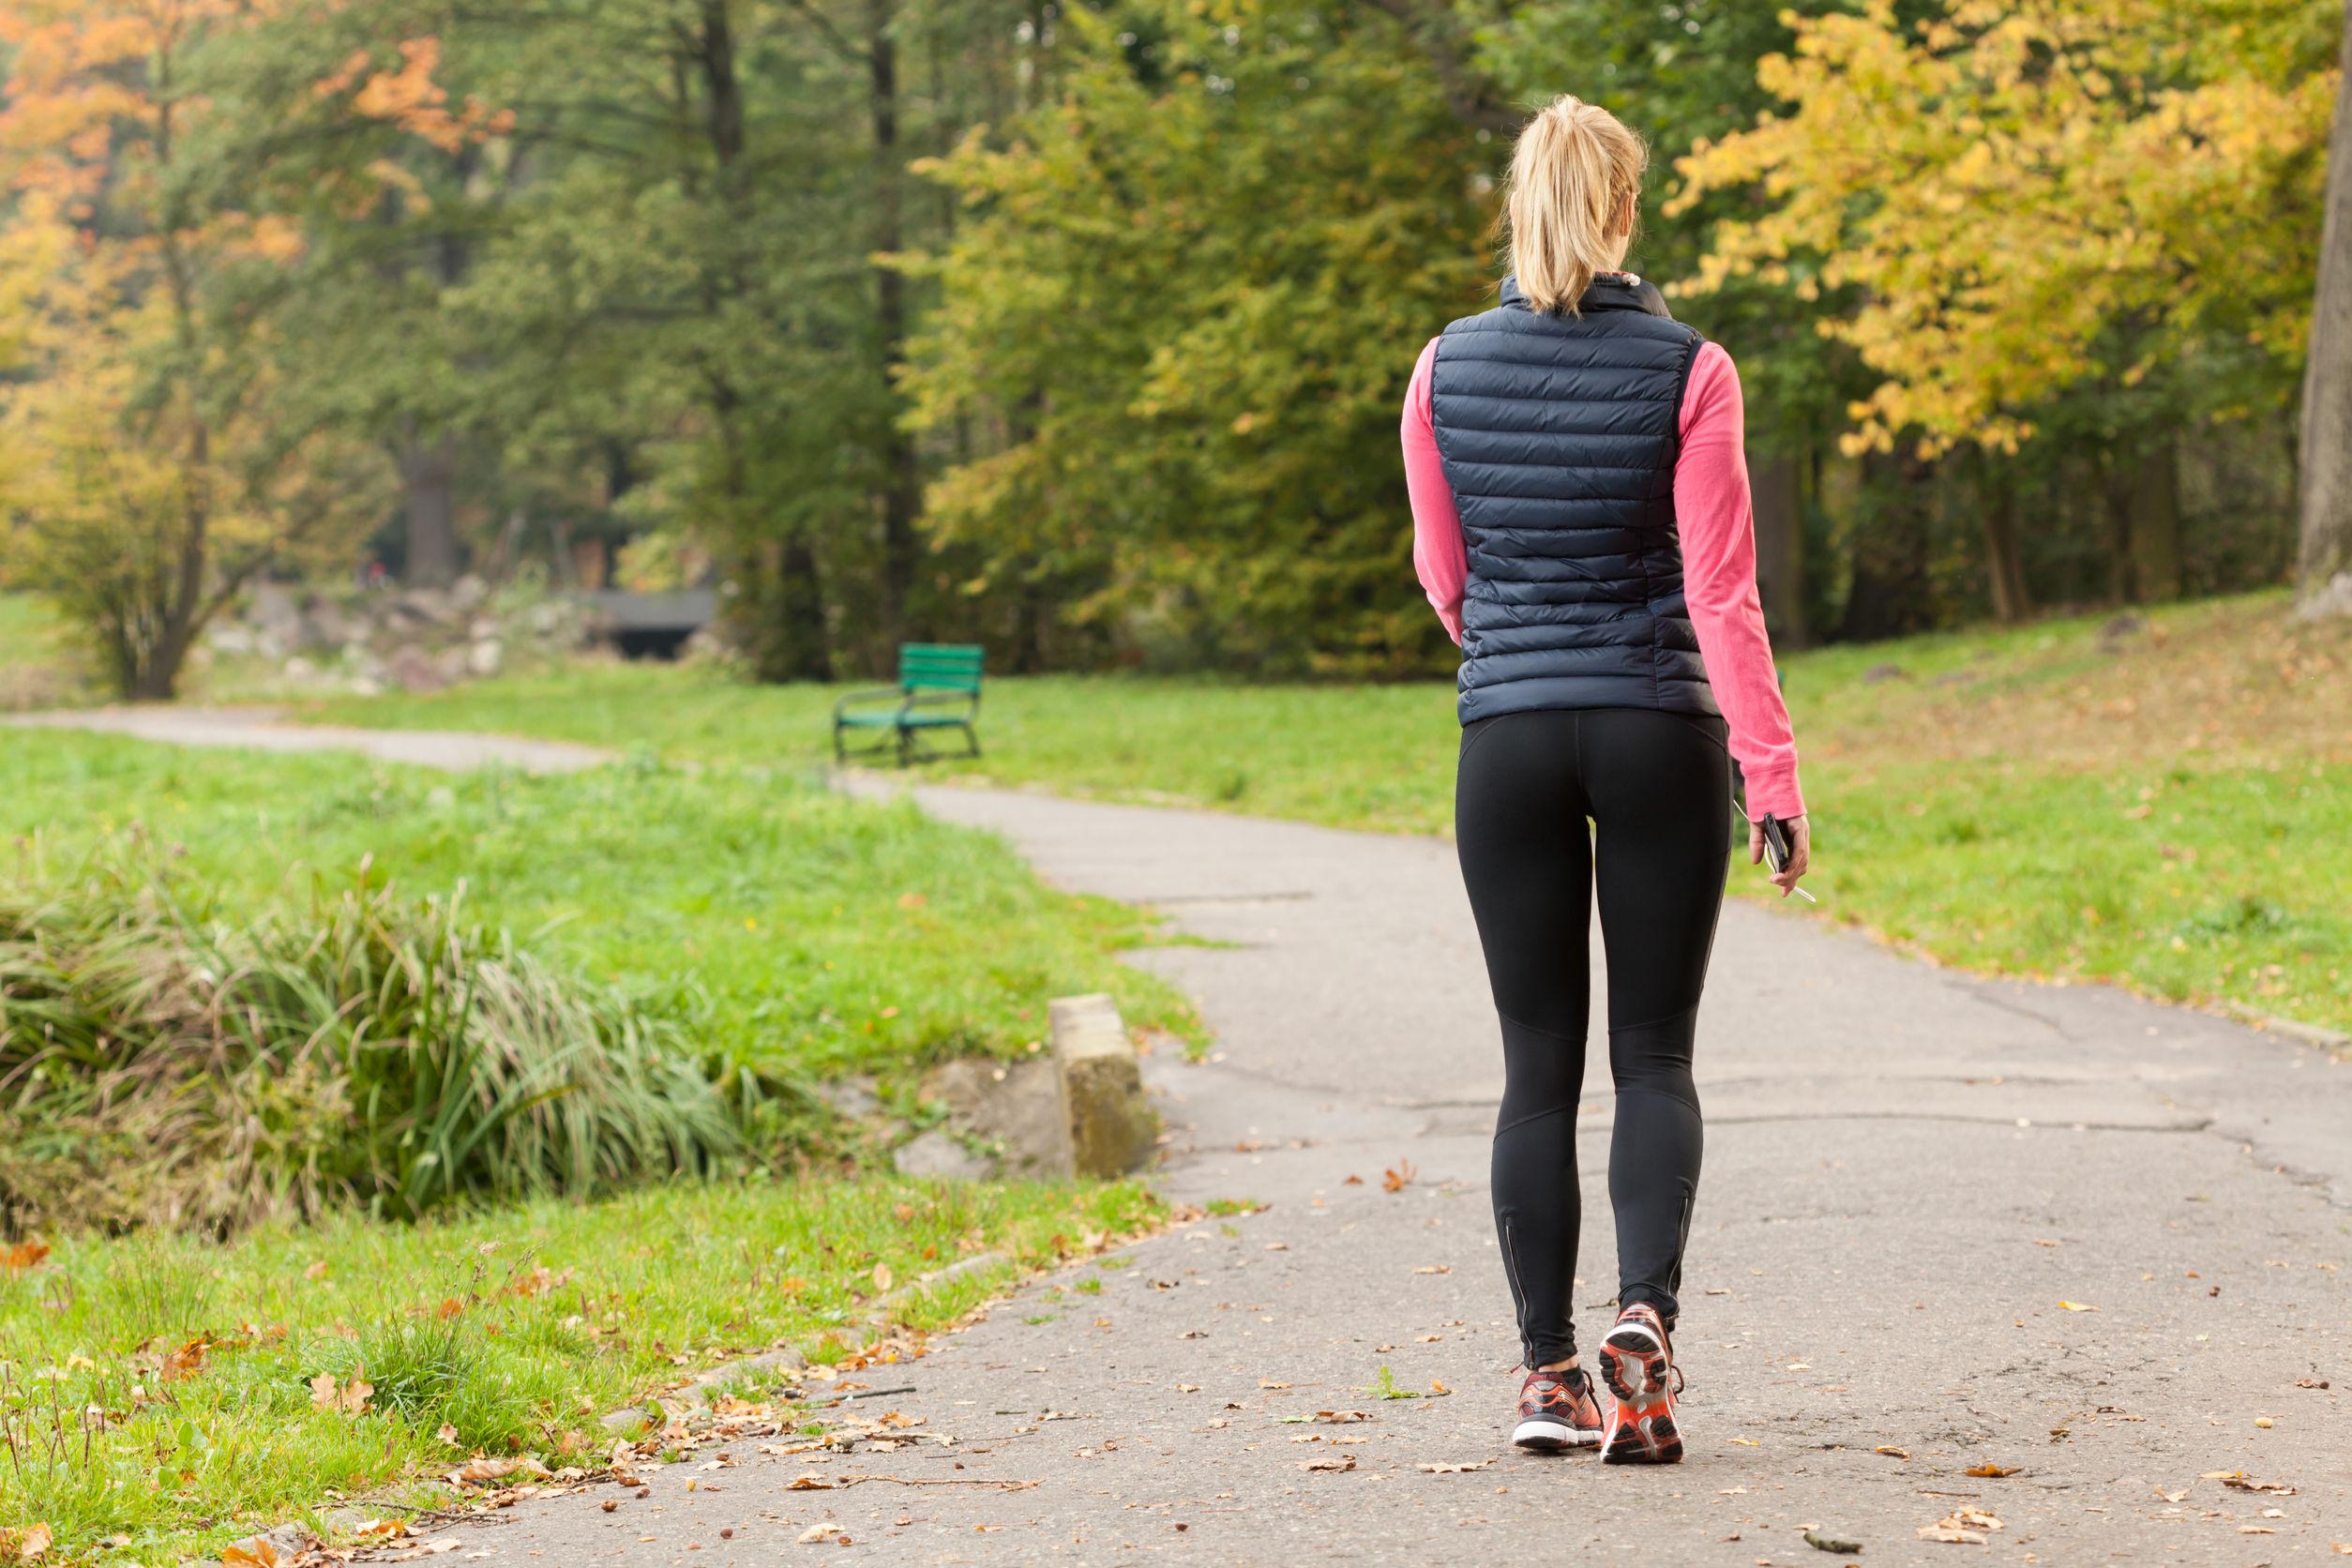 Αθλητισμός στη φύση: Τα ευεργετικά οφέλη της πράσινης άσκησης στην υγεία [vid]